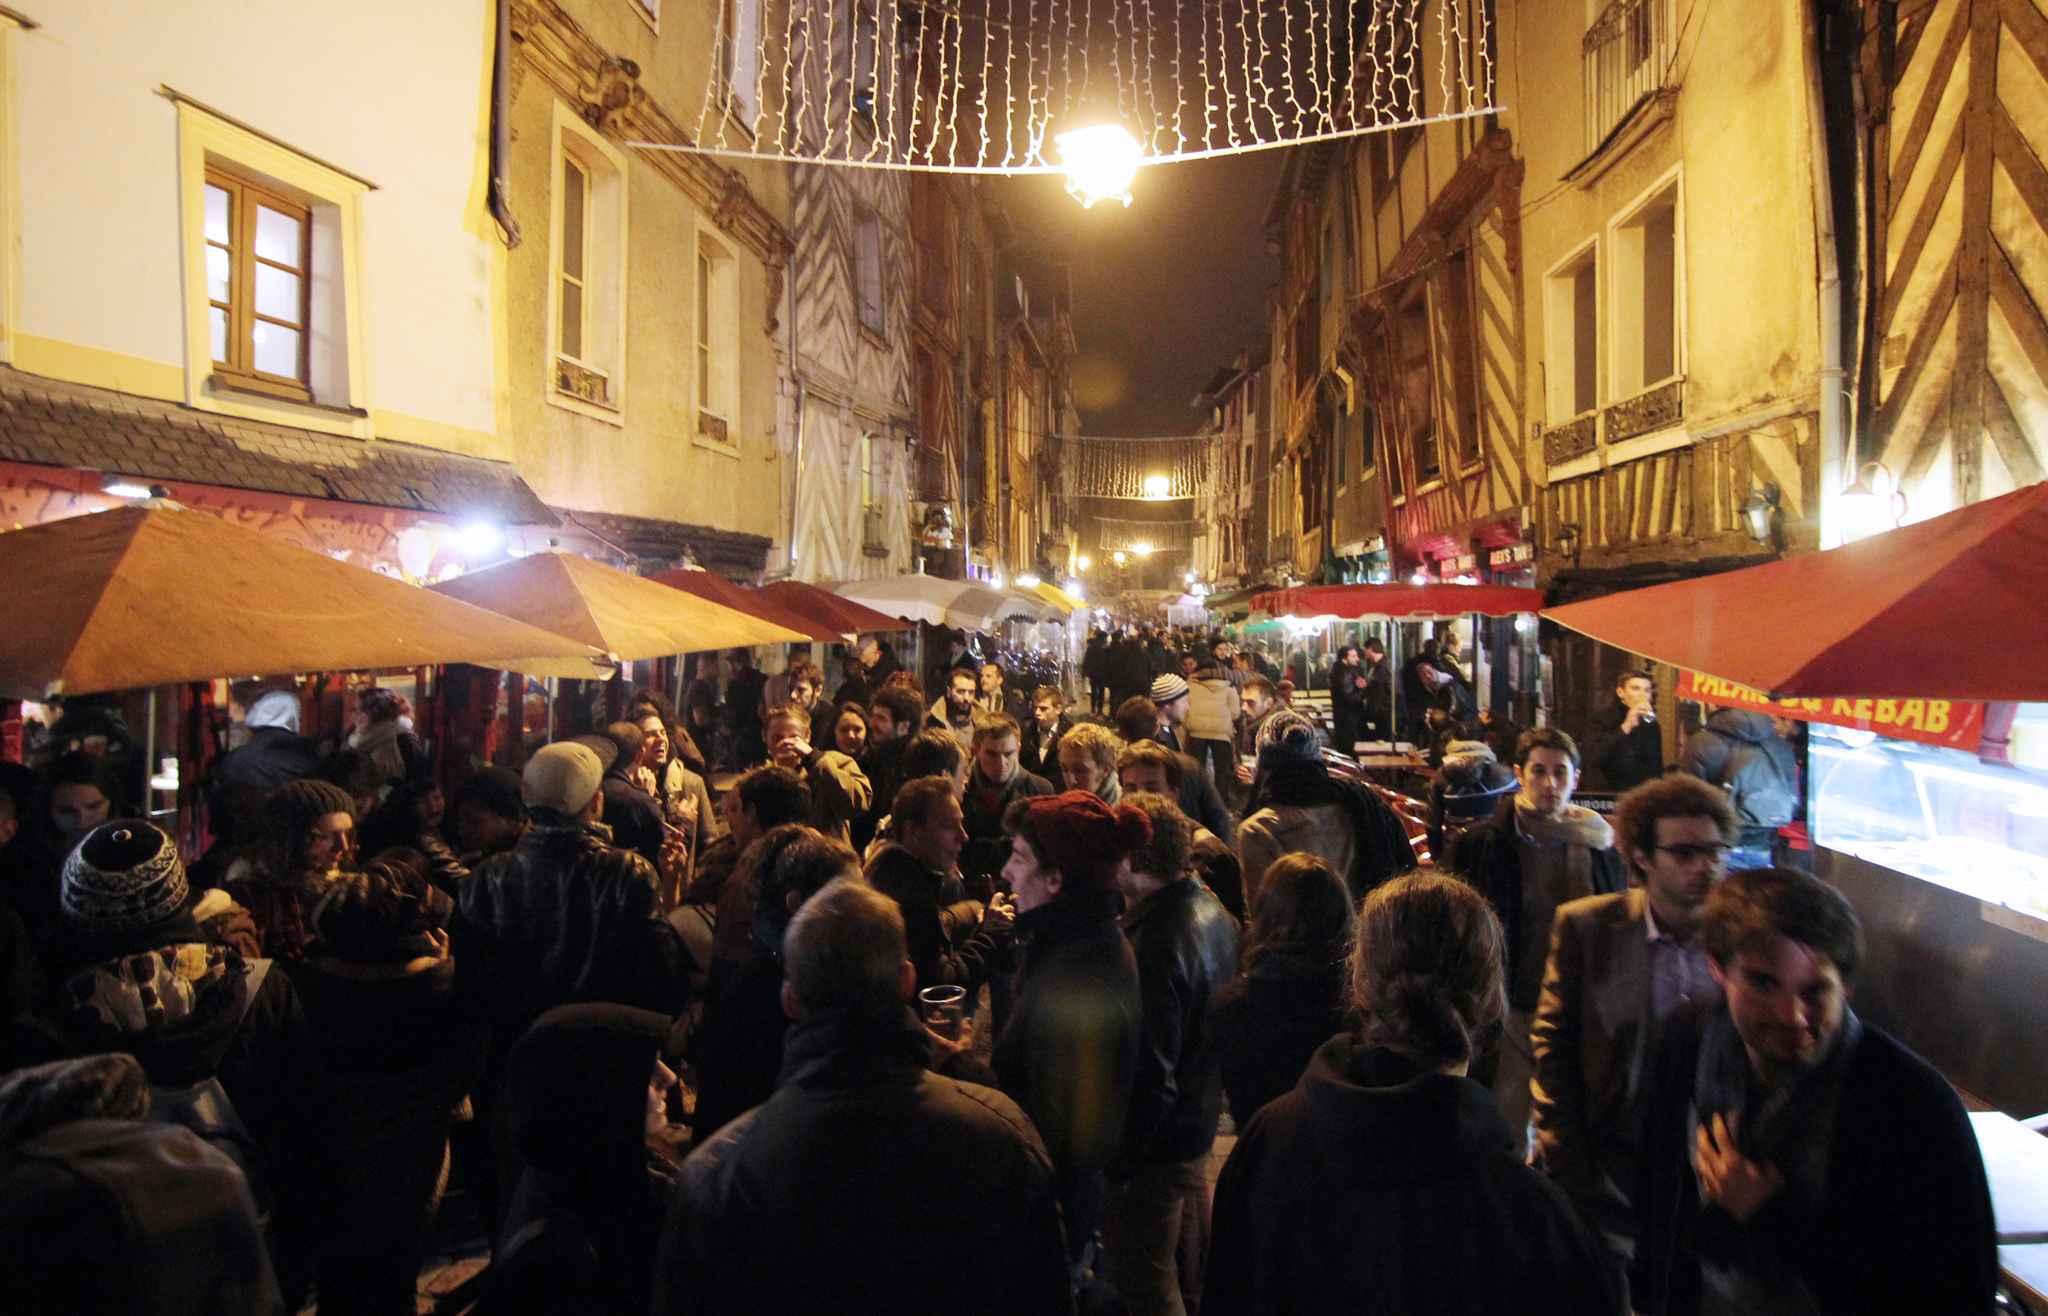 Rennes jug aux assises pour un coup mortel rue de la soif for Salon de la gastronomie rennes